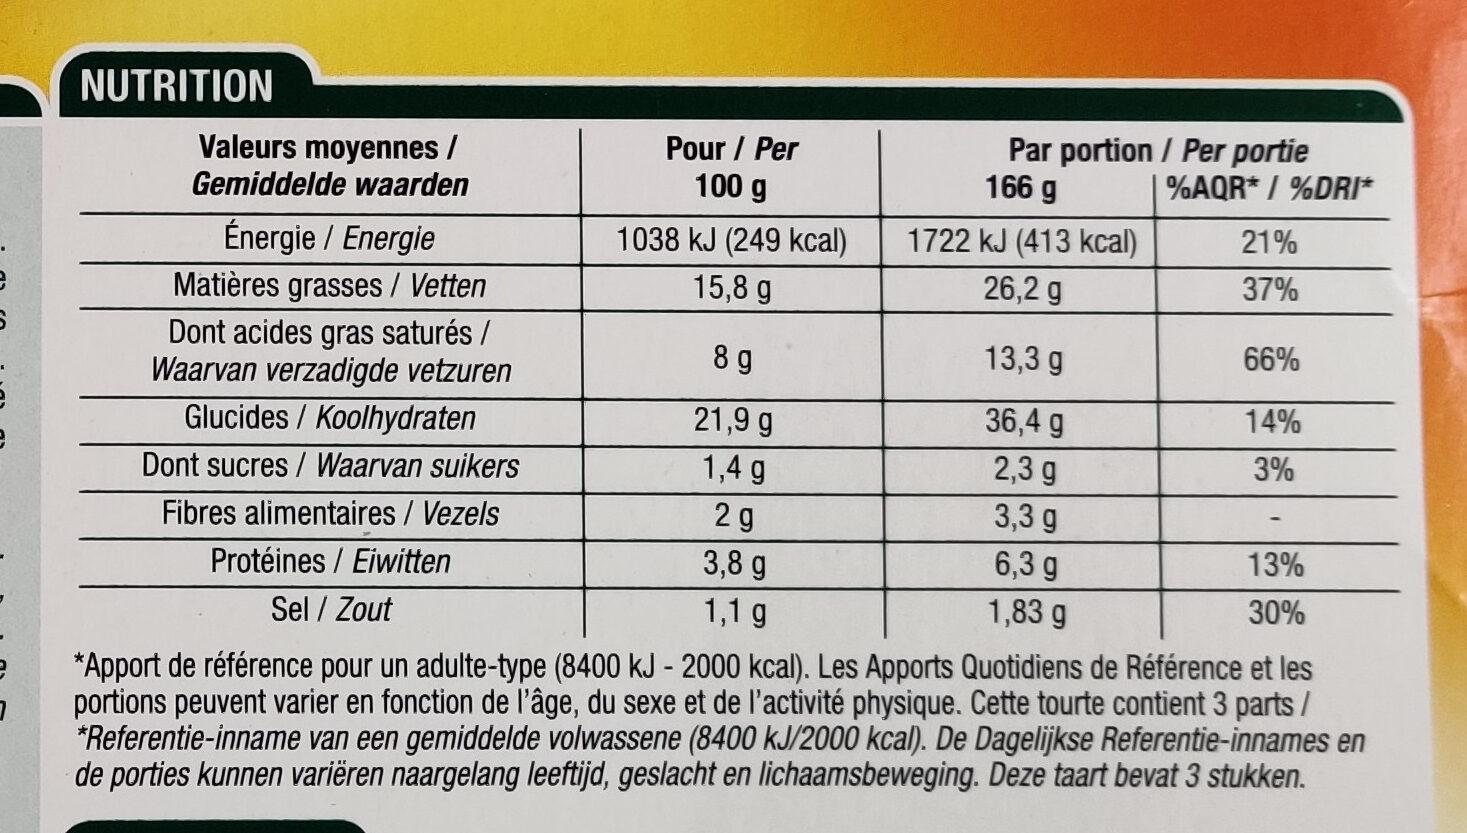 Tourte Aux Champignons, 500 Grammes, Marque Cora - Informations nutritionnelles - fr